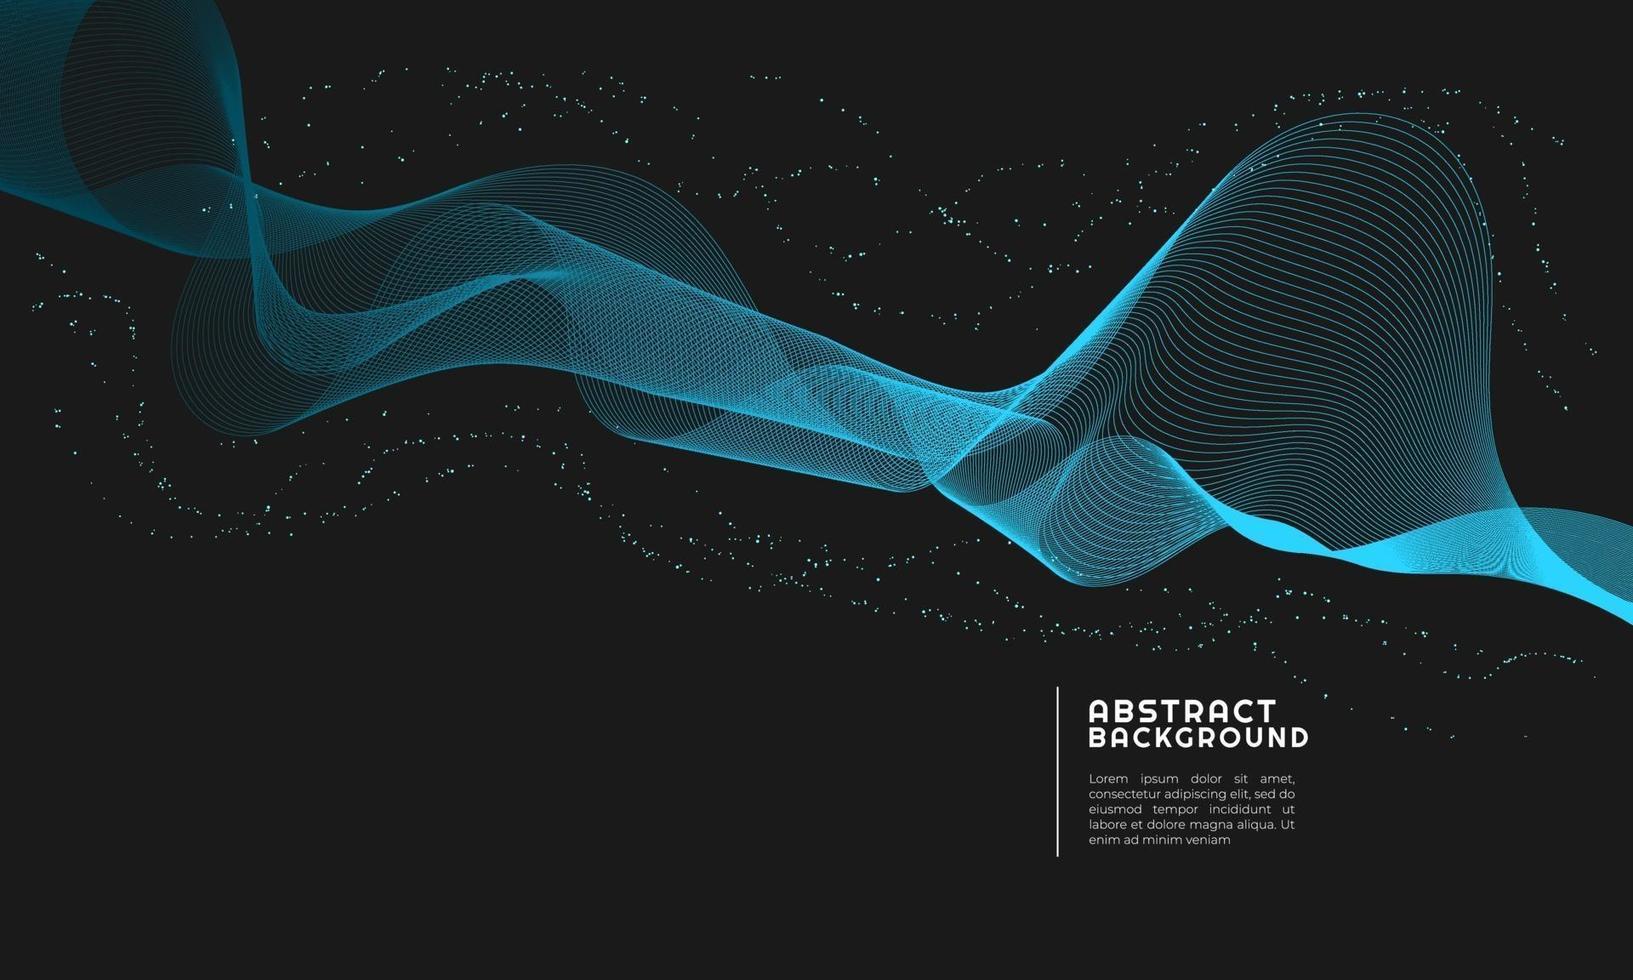 abstrakt bakgrund moderna ljusblå kurvor vektor